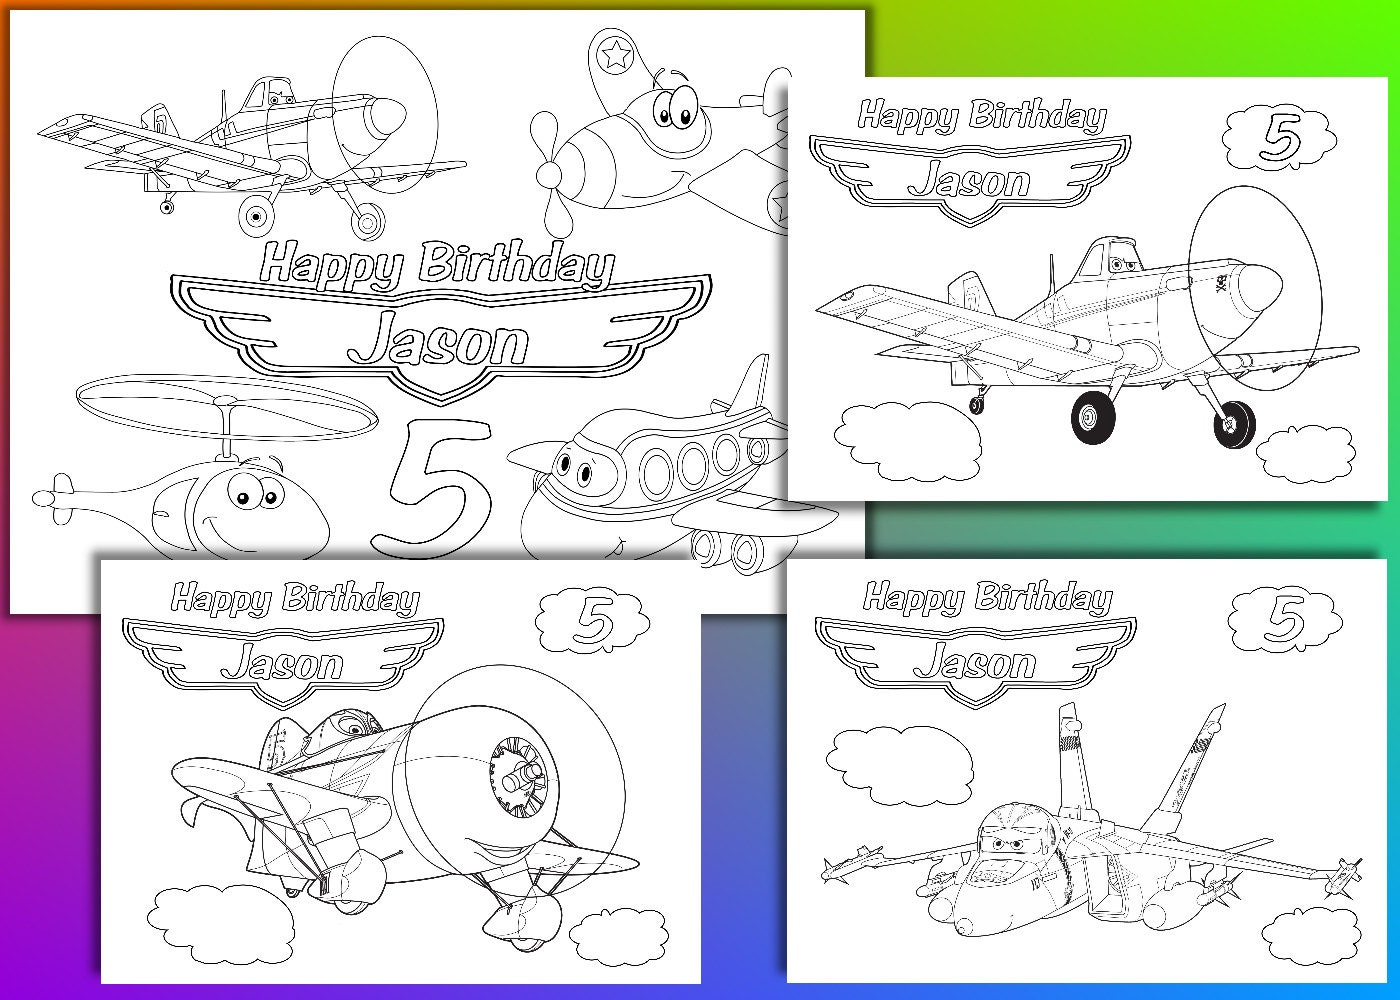 Fiesta de cumpleaños de aviones para colorear páginas | Etsy